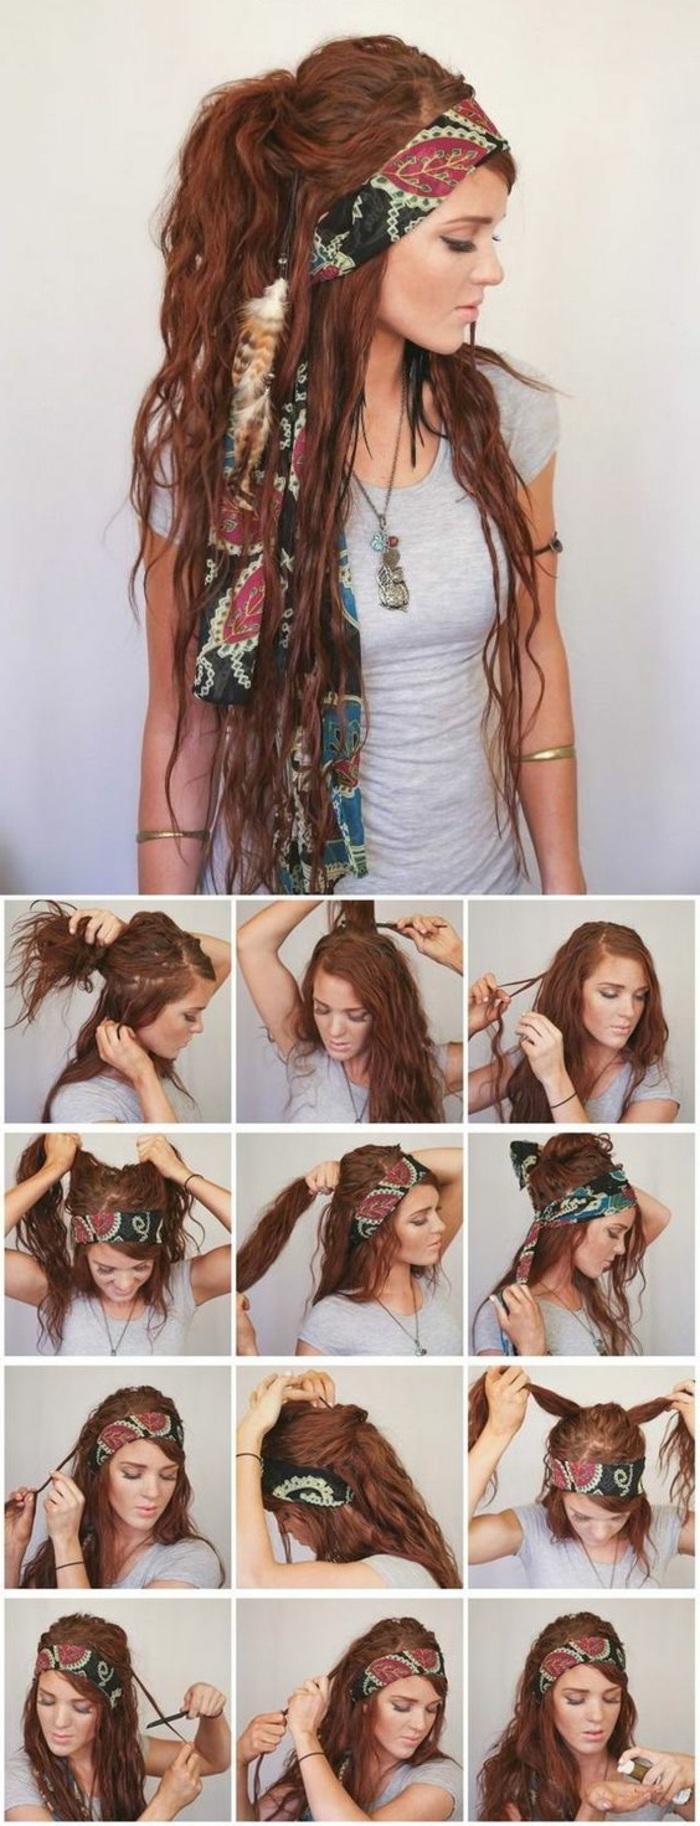 lange, rote haare, graue bluse, halskette, grunge-frisur